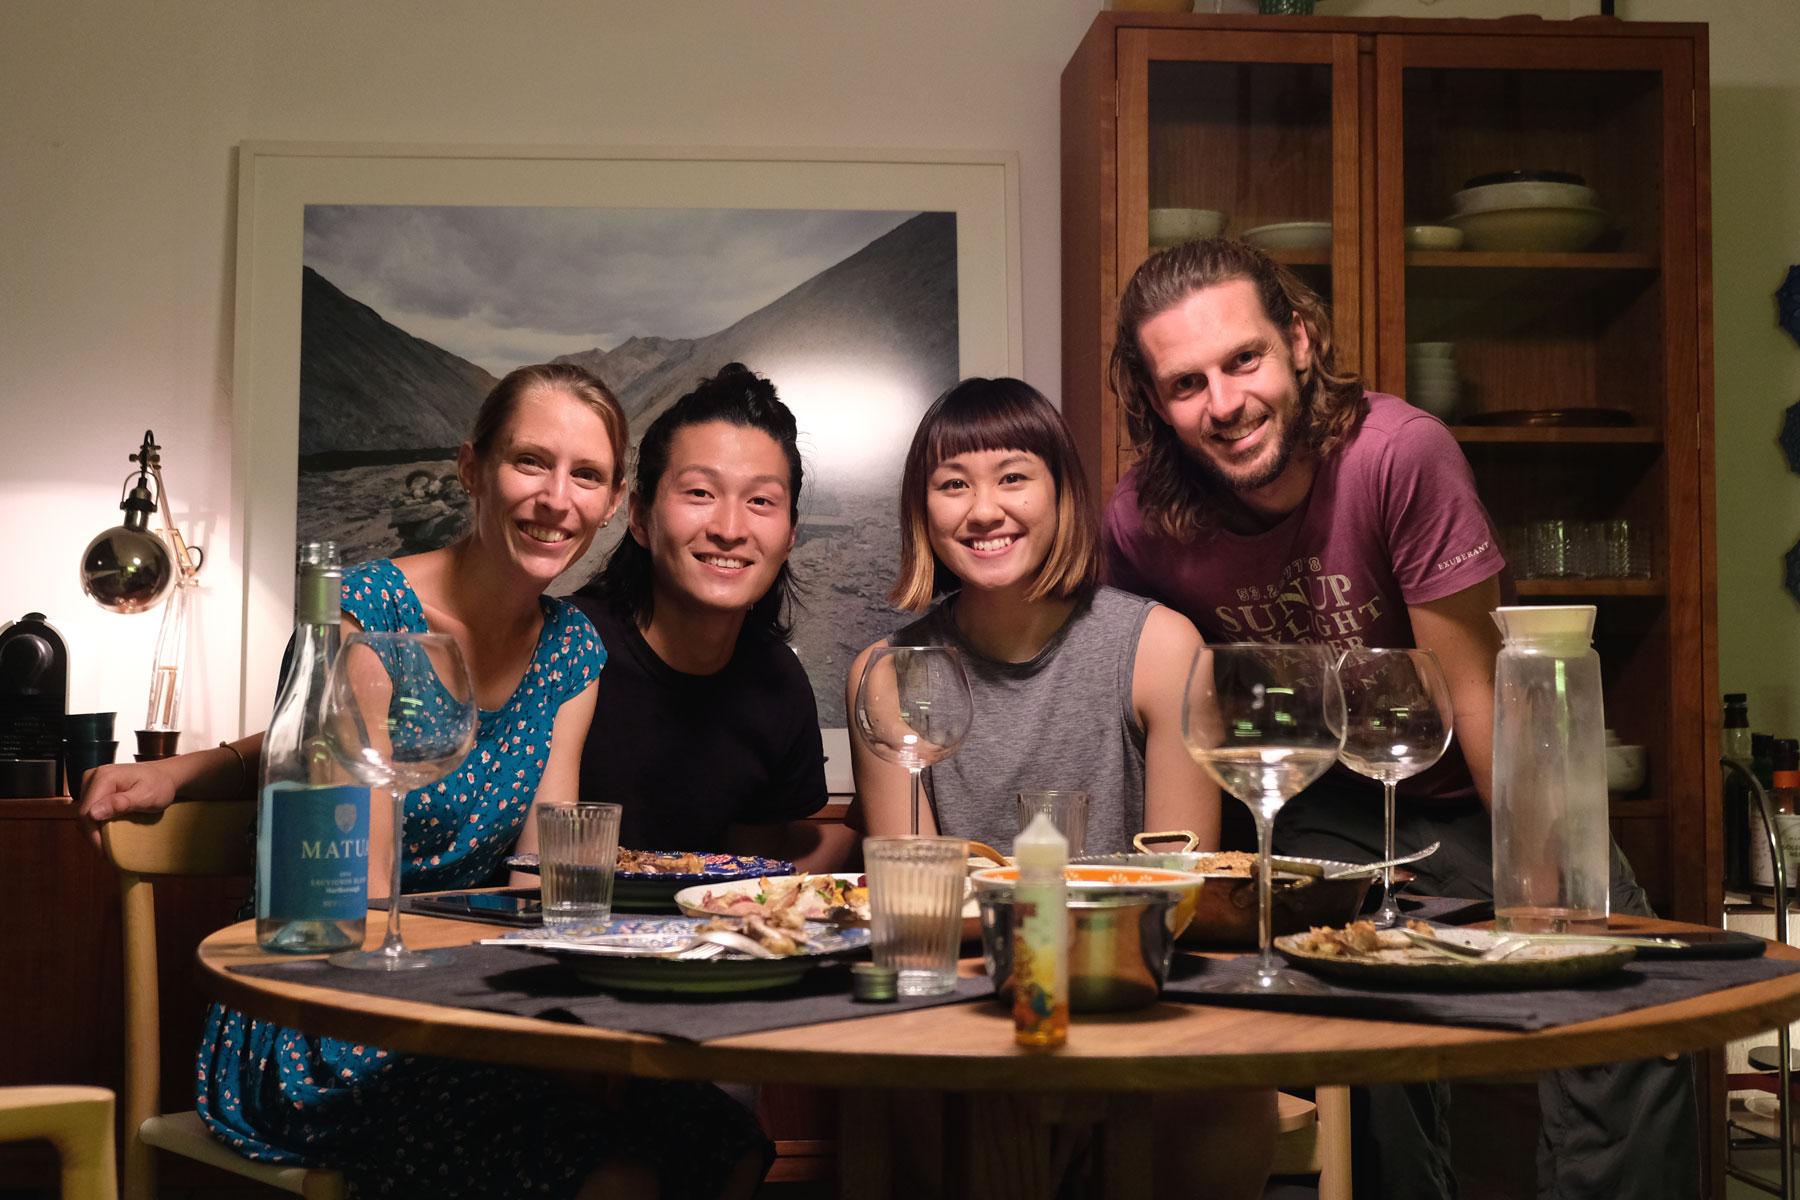 Leo und Sebastian beim Abendessen mit zwei Singapurern.